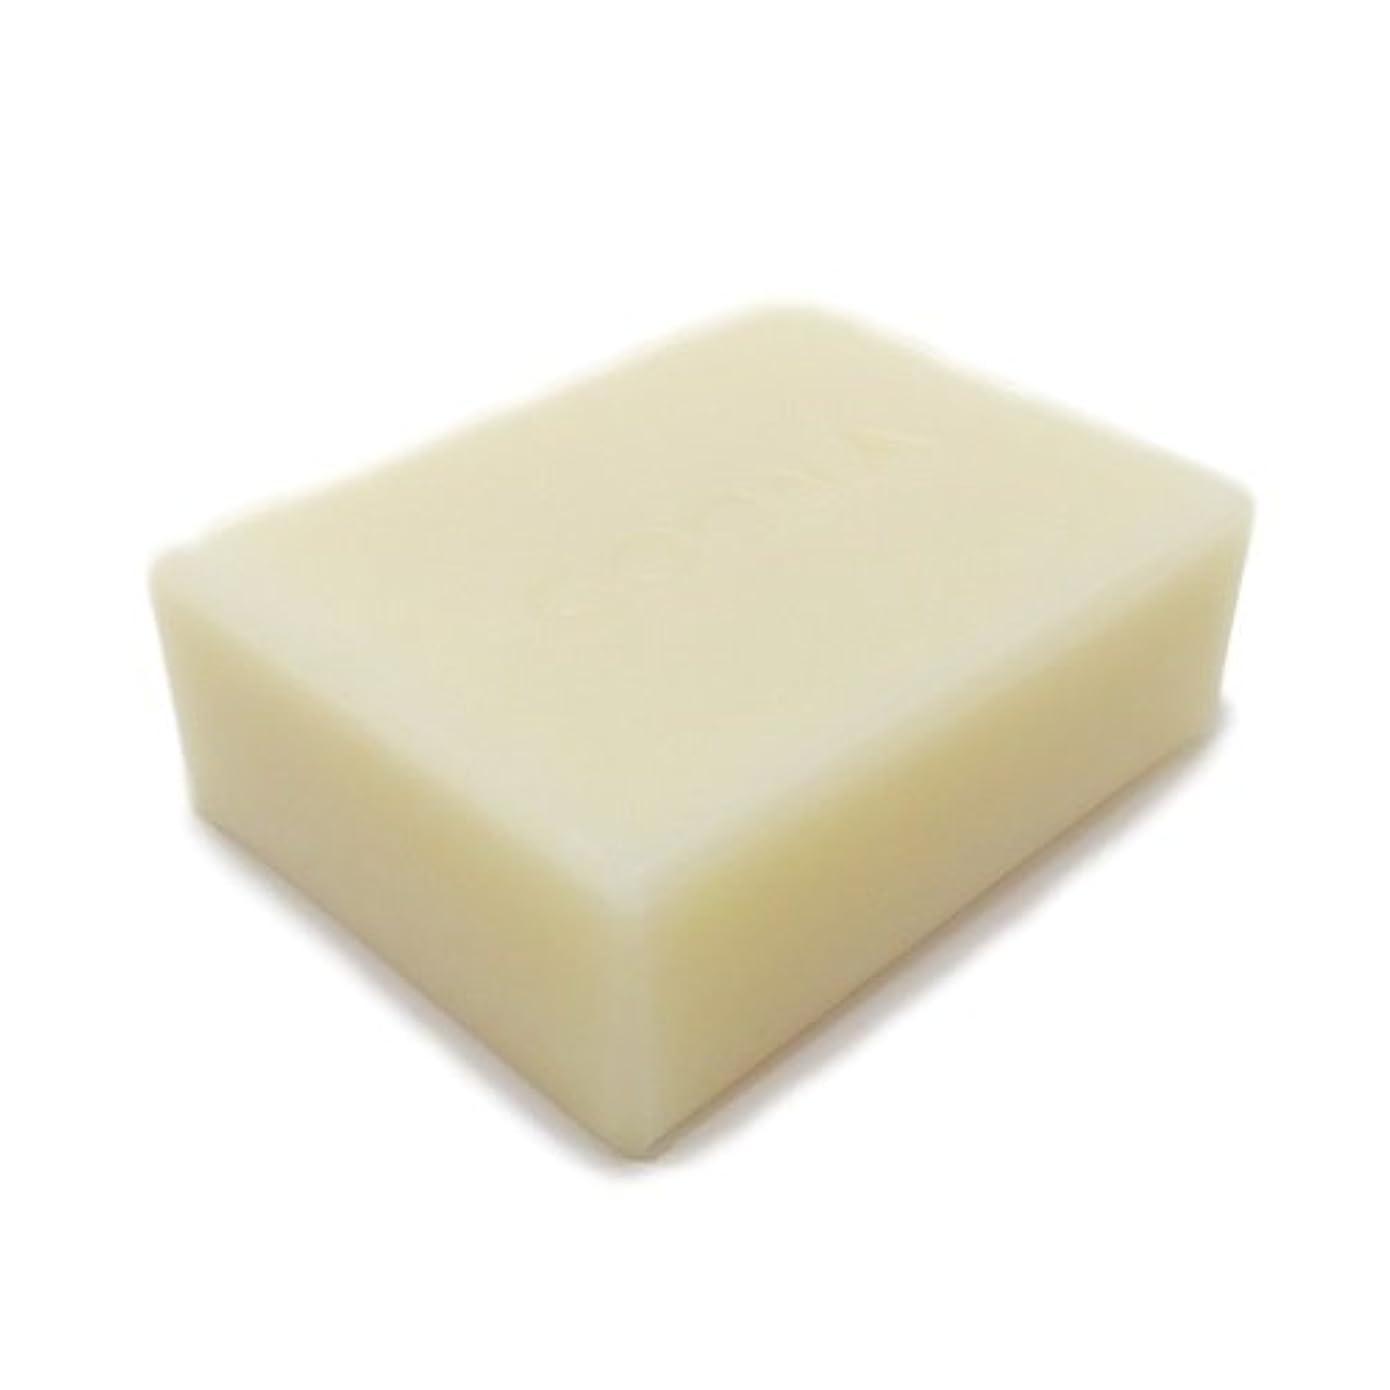 急性線形オーナー浴用石鹸 COONA和の香り石けん はっか (天然素材 自然派 コールドプロセス 手作り せっけん) 80g